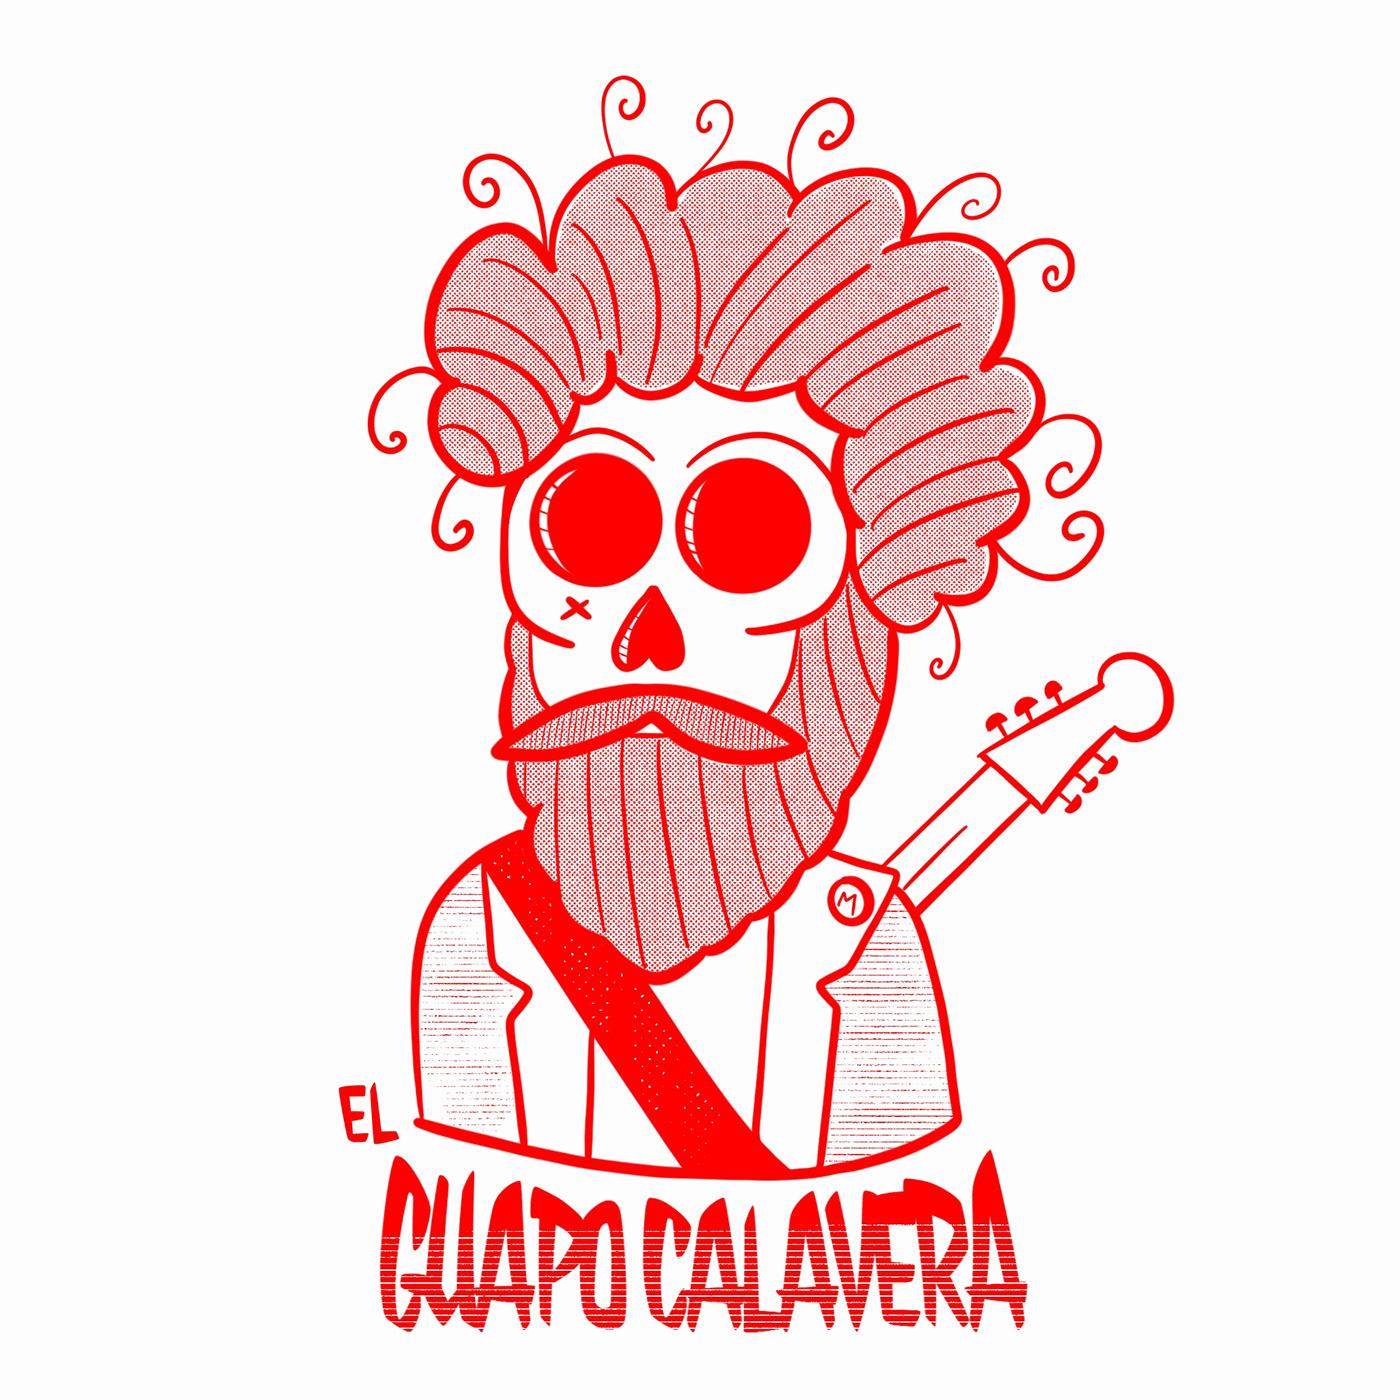 rock ilustracion Procreate calavera FletxeR studio Donosti donostia san sebastian